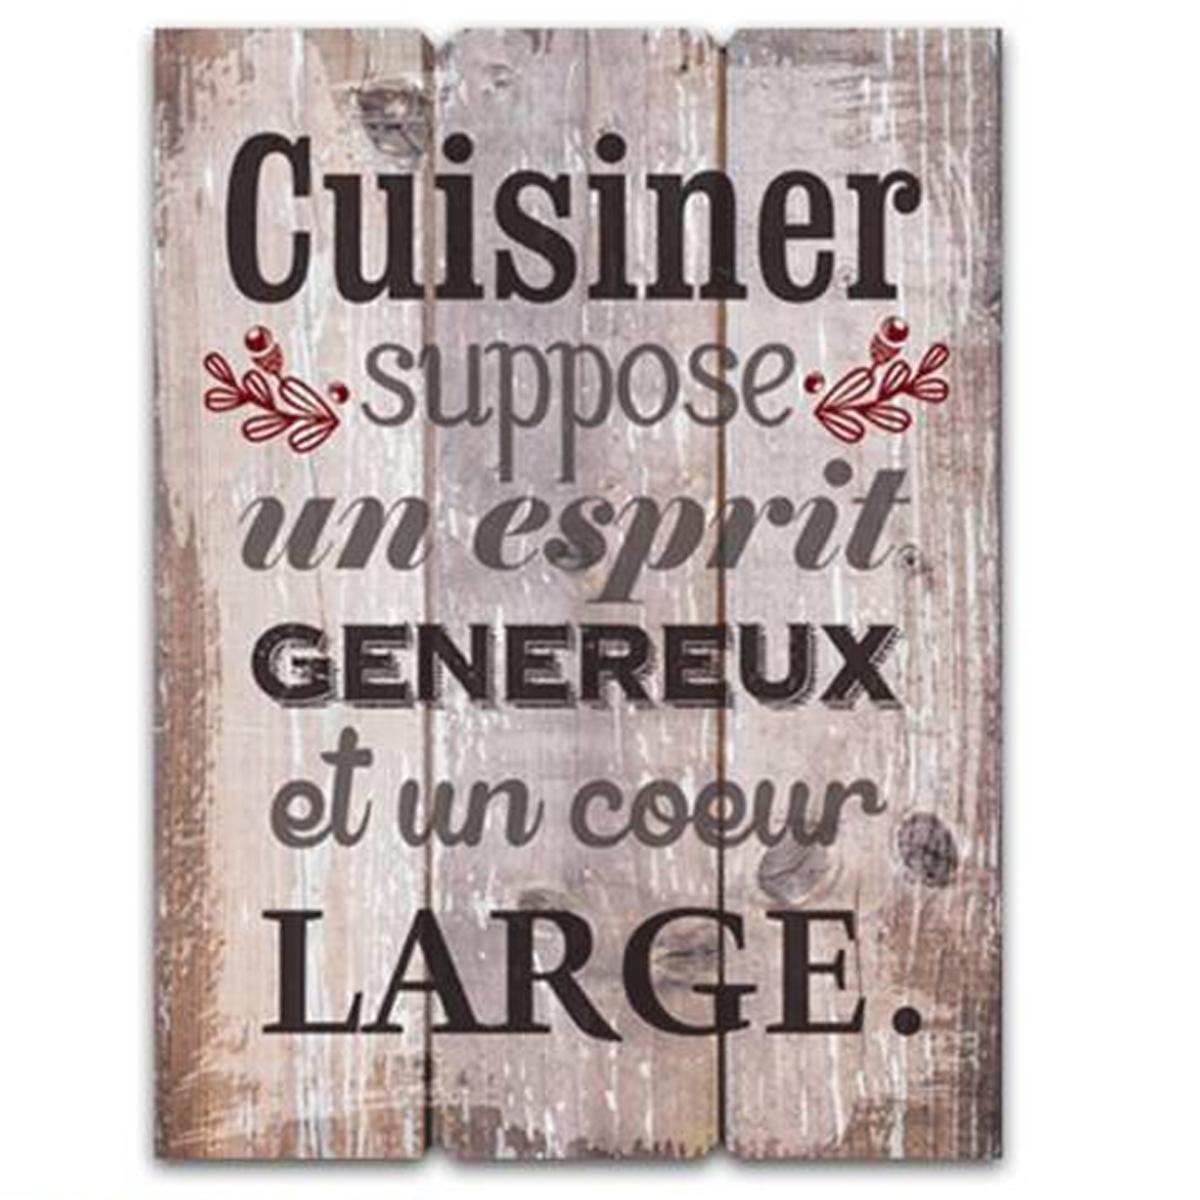 Cadre bois \'Messages\' marron (Cuisiner suppose un esprit généreux et un coeur large) - 40x30 cm - [Q7141]